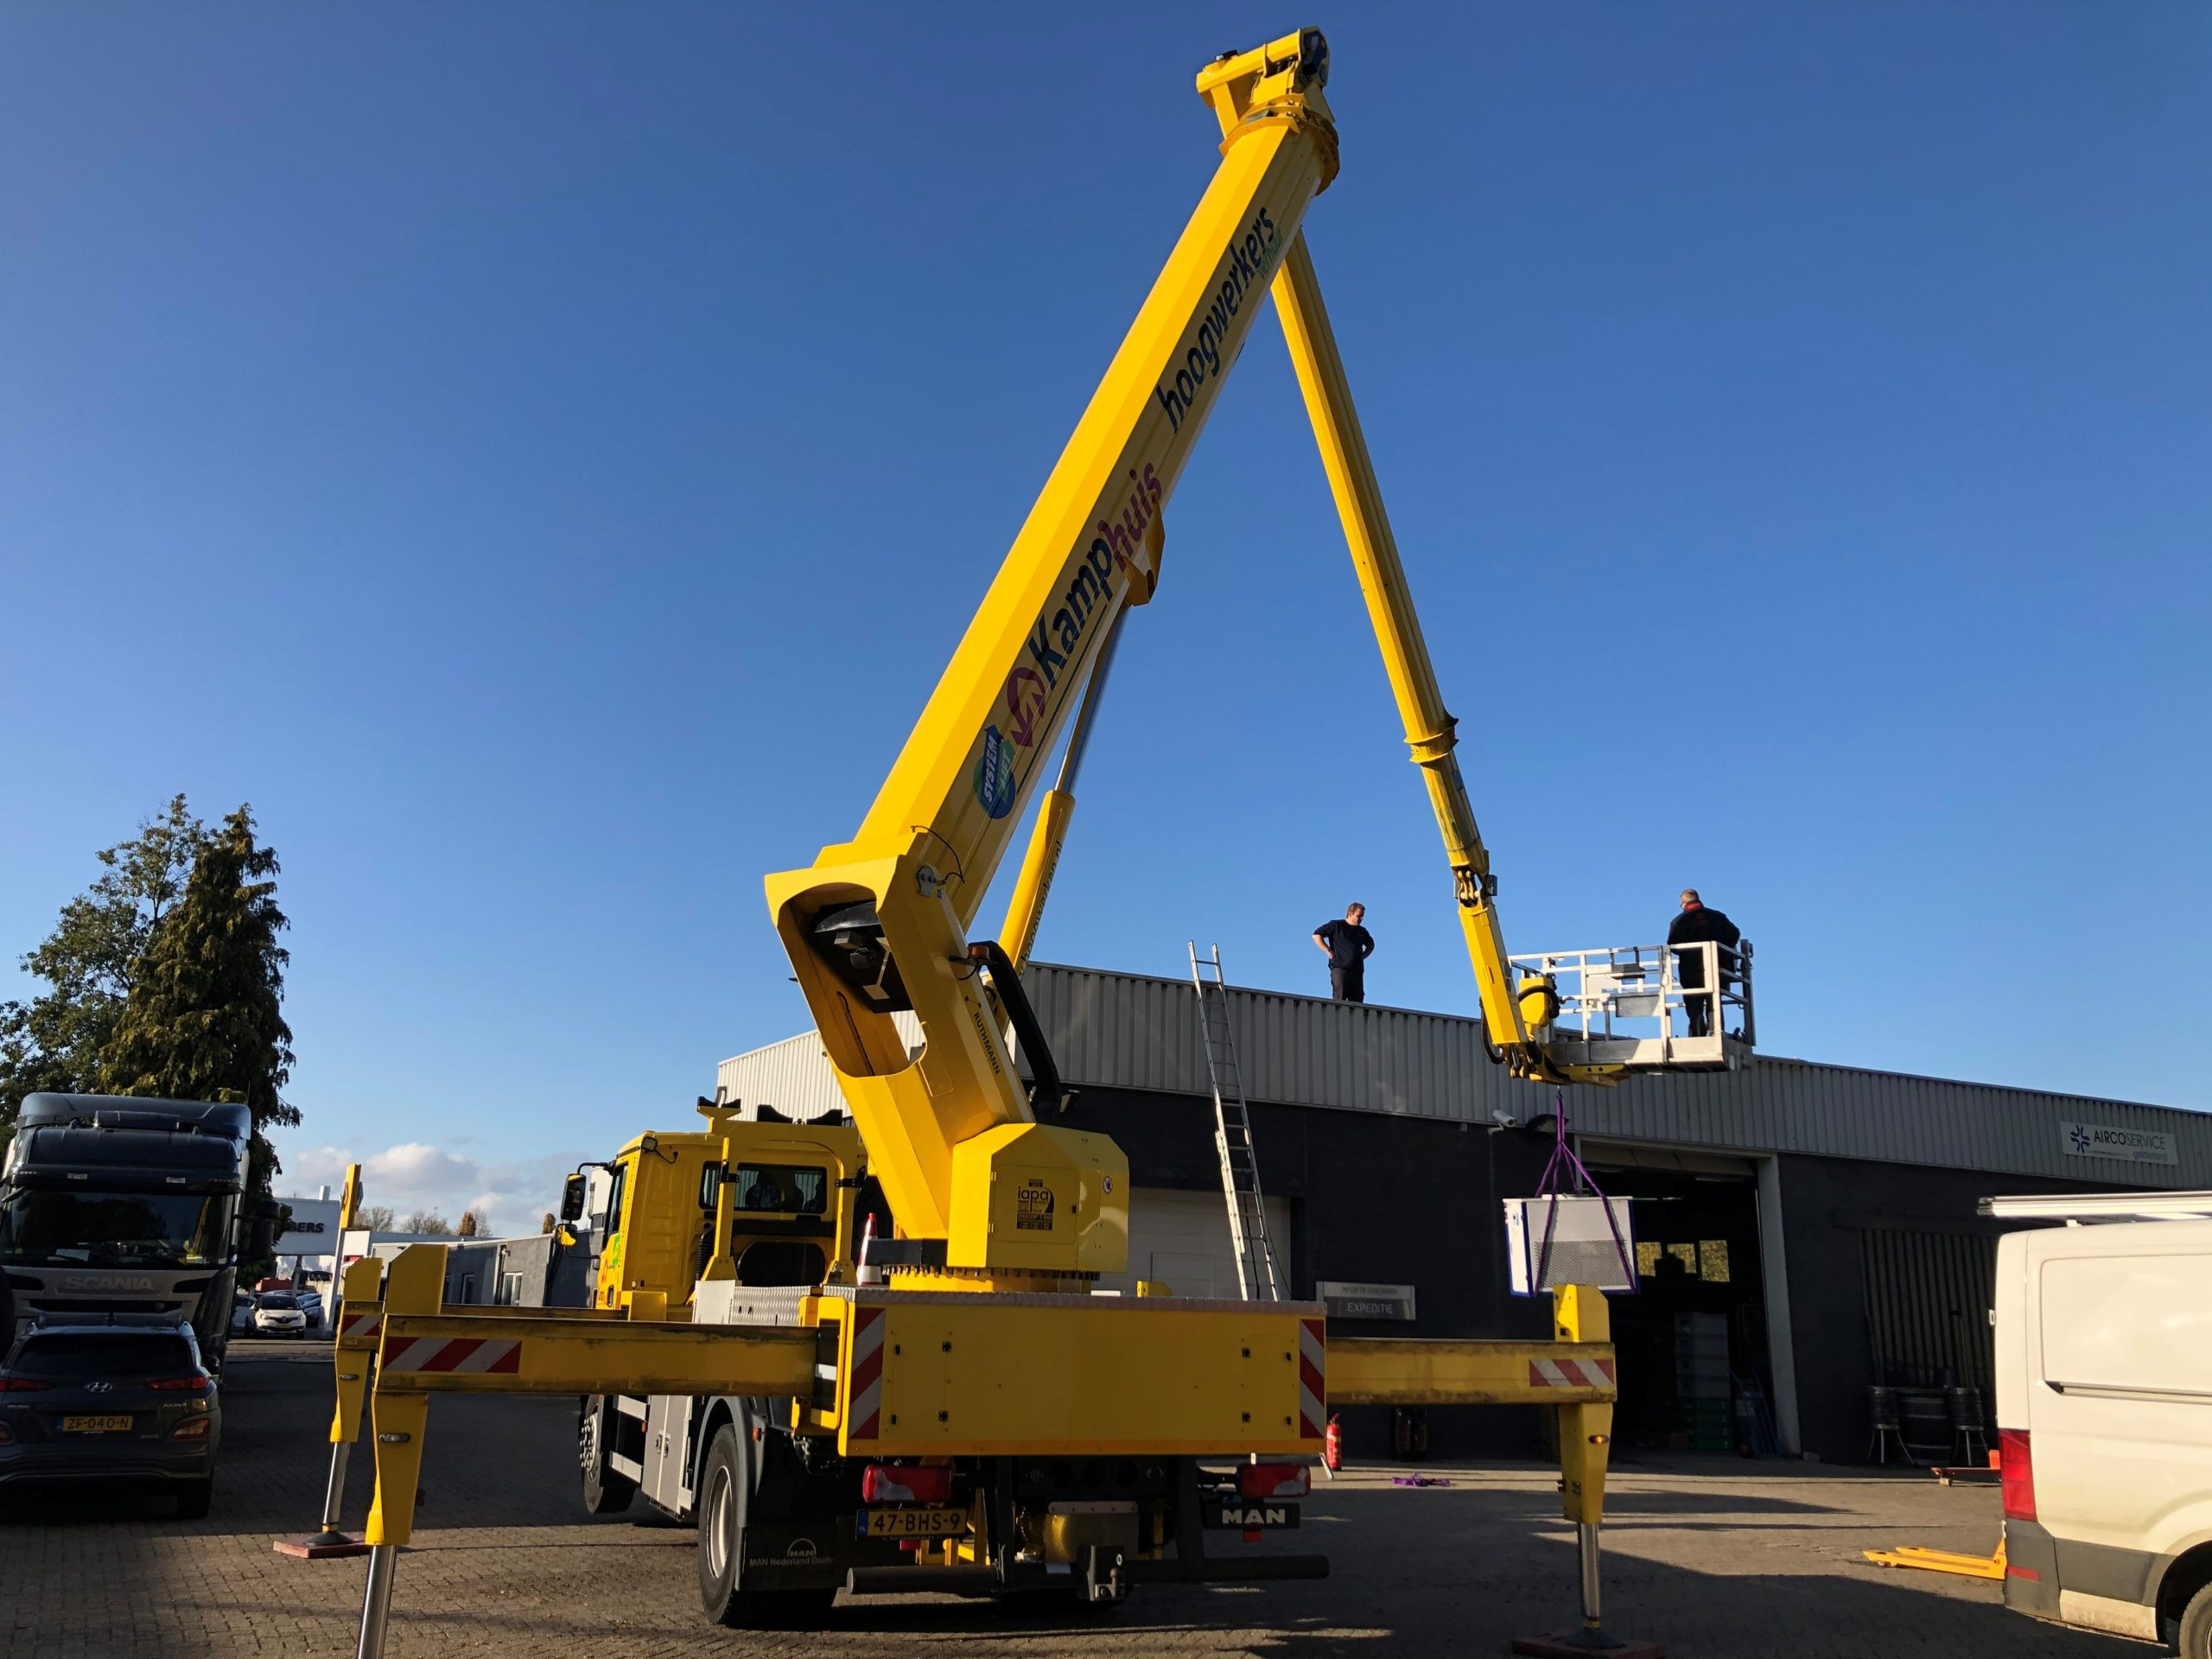 Tilhulp Lift-ups systeem vrachtautohoogwerker